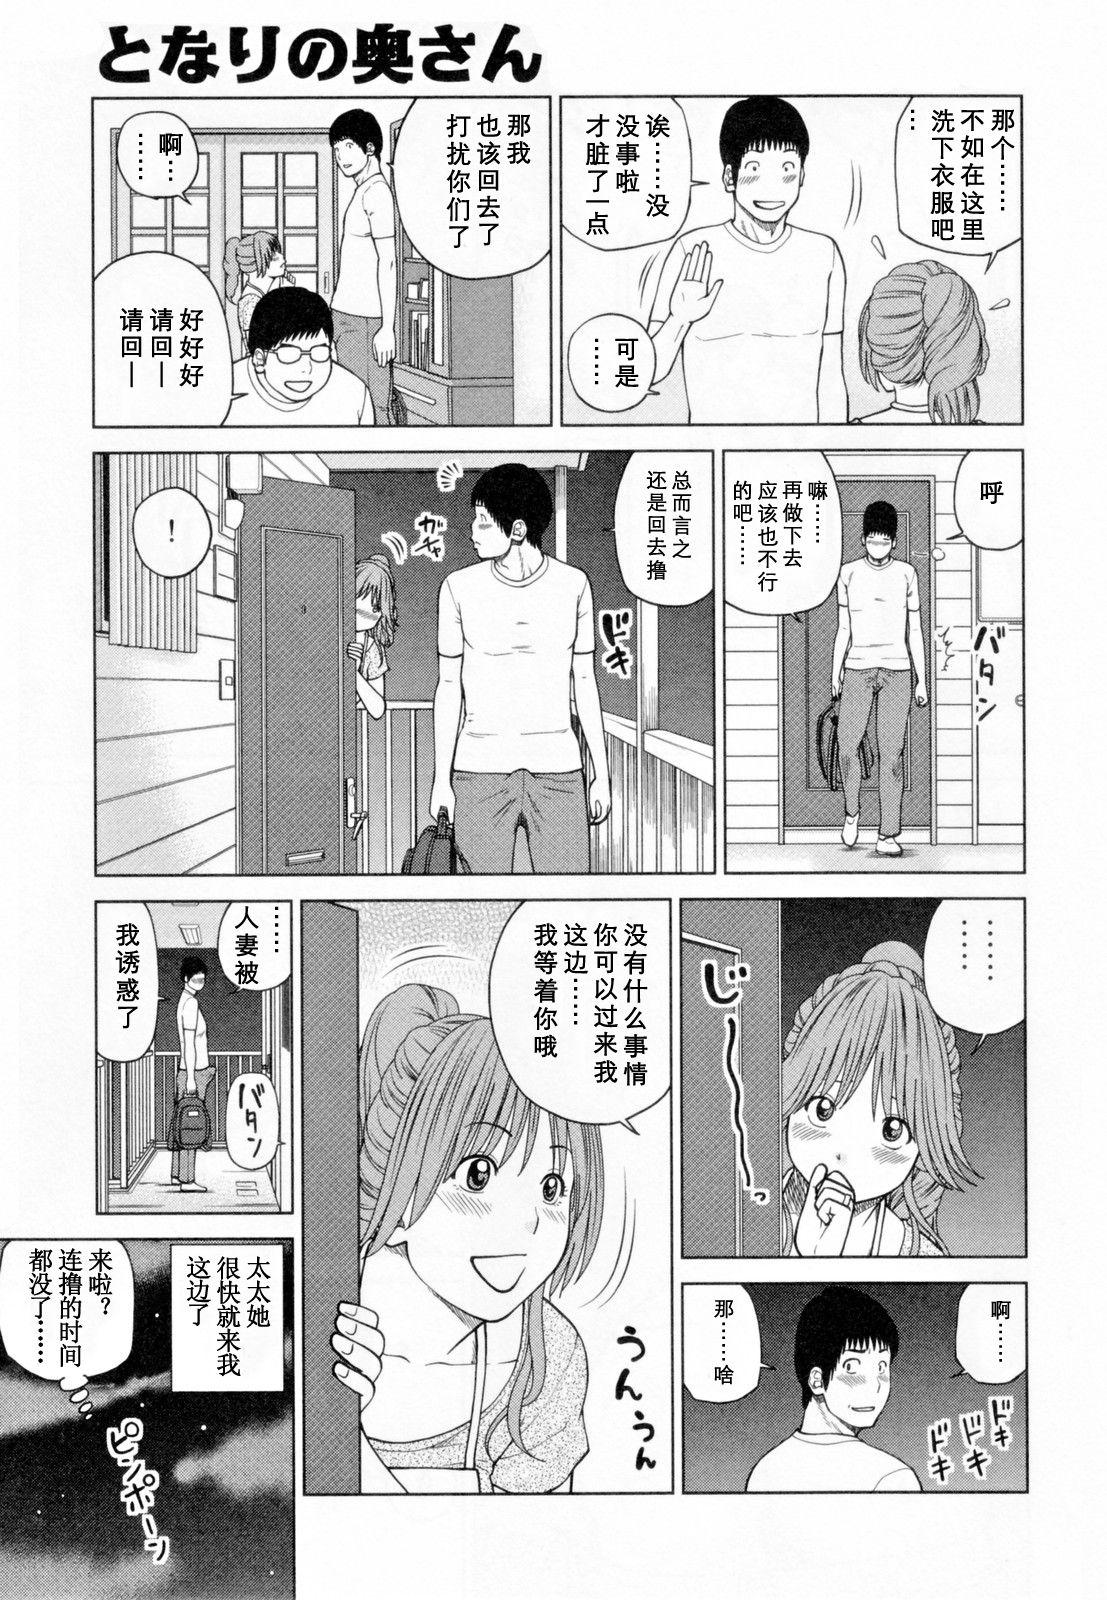 32 Sai Yokkyuufuman no Hitozuma 194